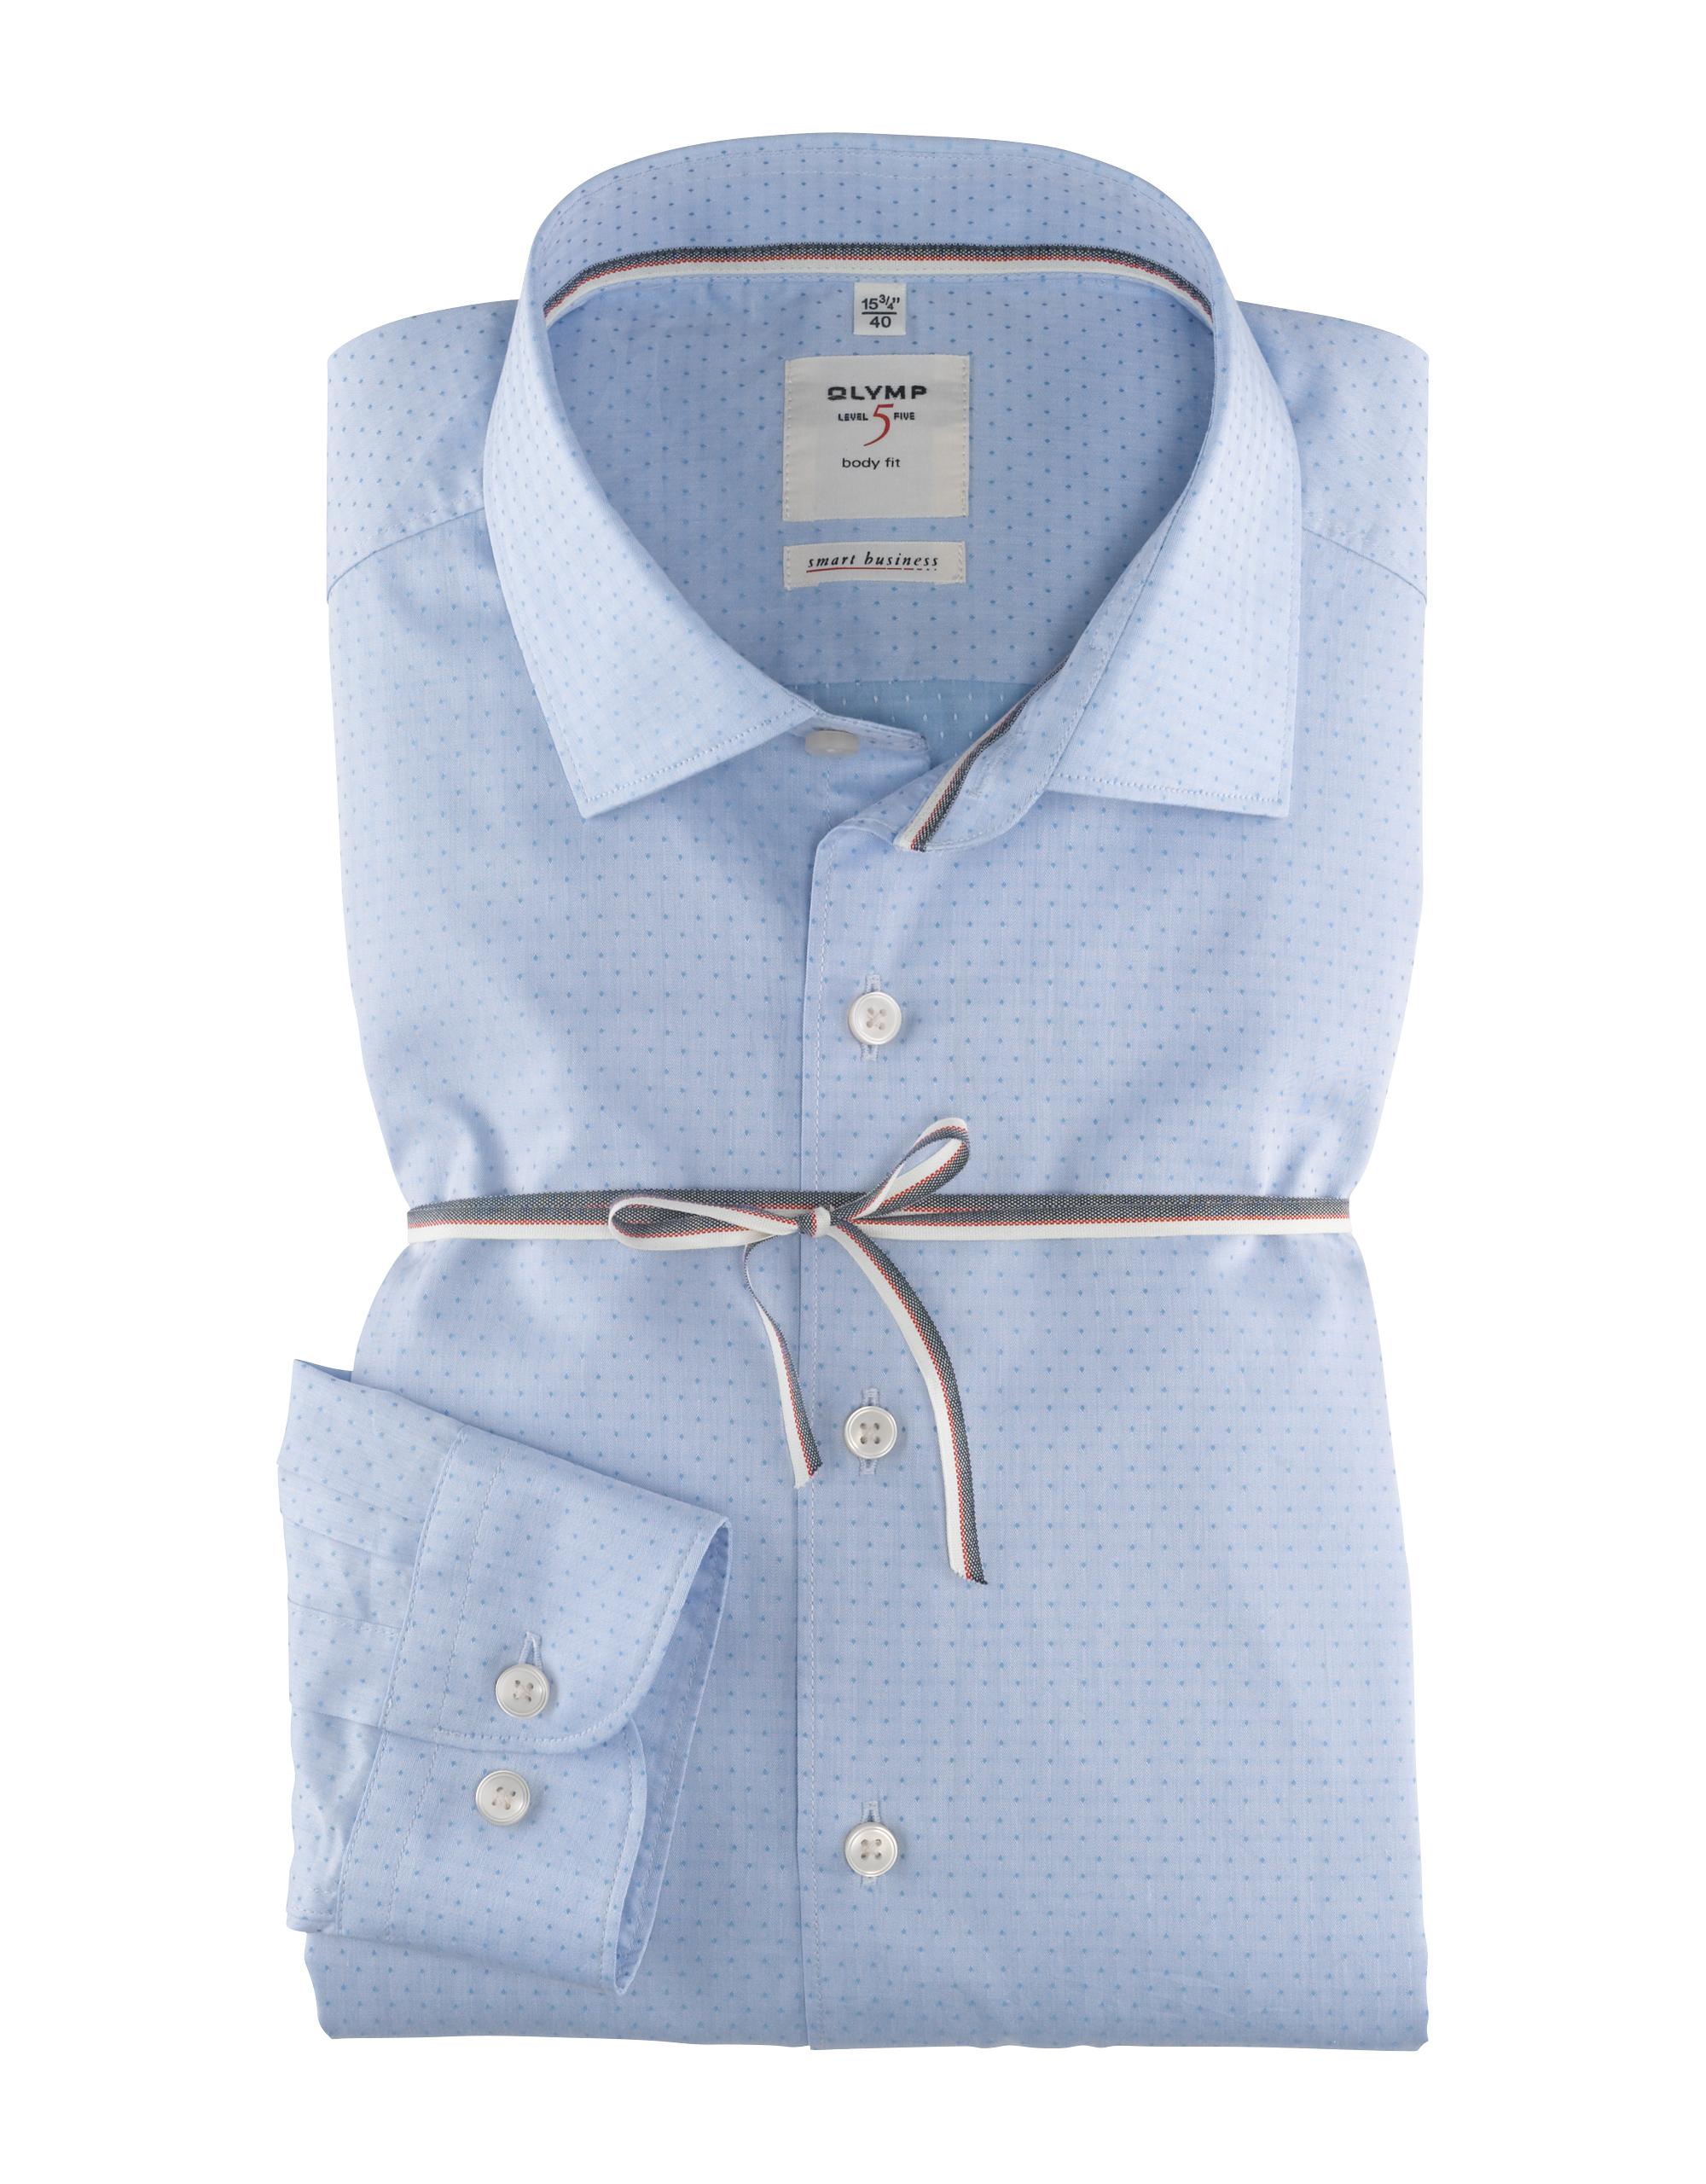 OLYMP Level Five Smart Business Hemd, body fit, Kent, Bleu, 42   Bekleidung > Hemden > Business Hemden   Baumwolle   OLYMP